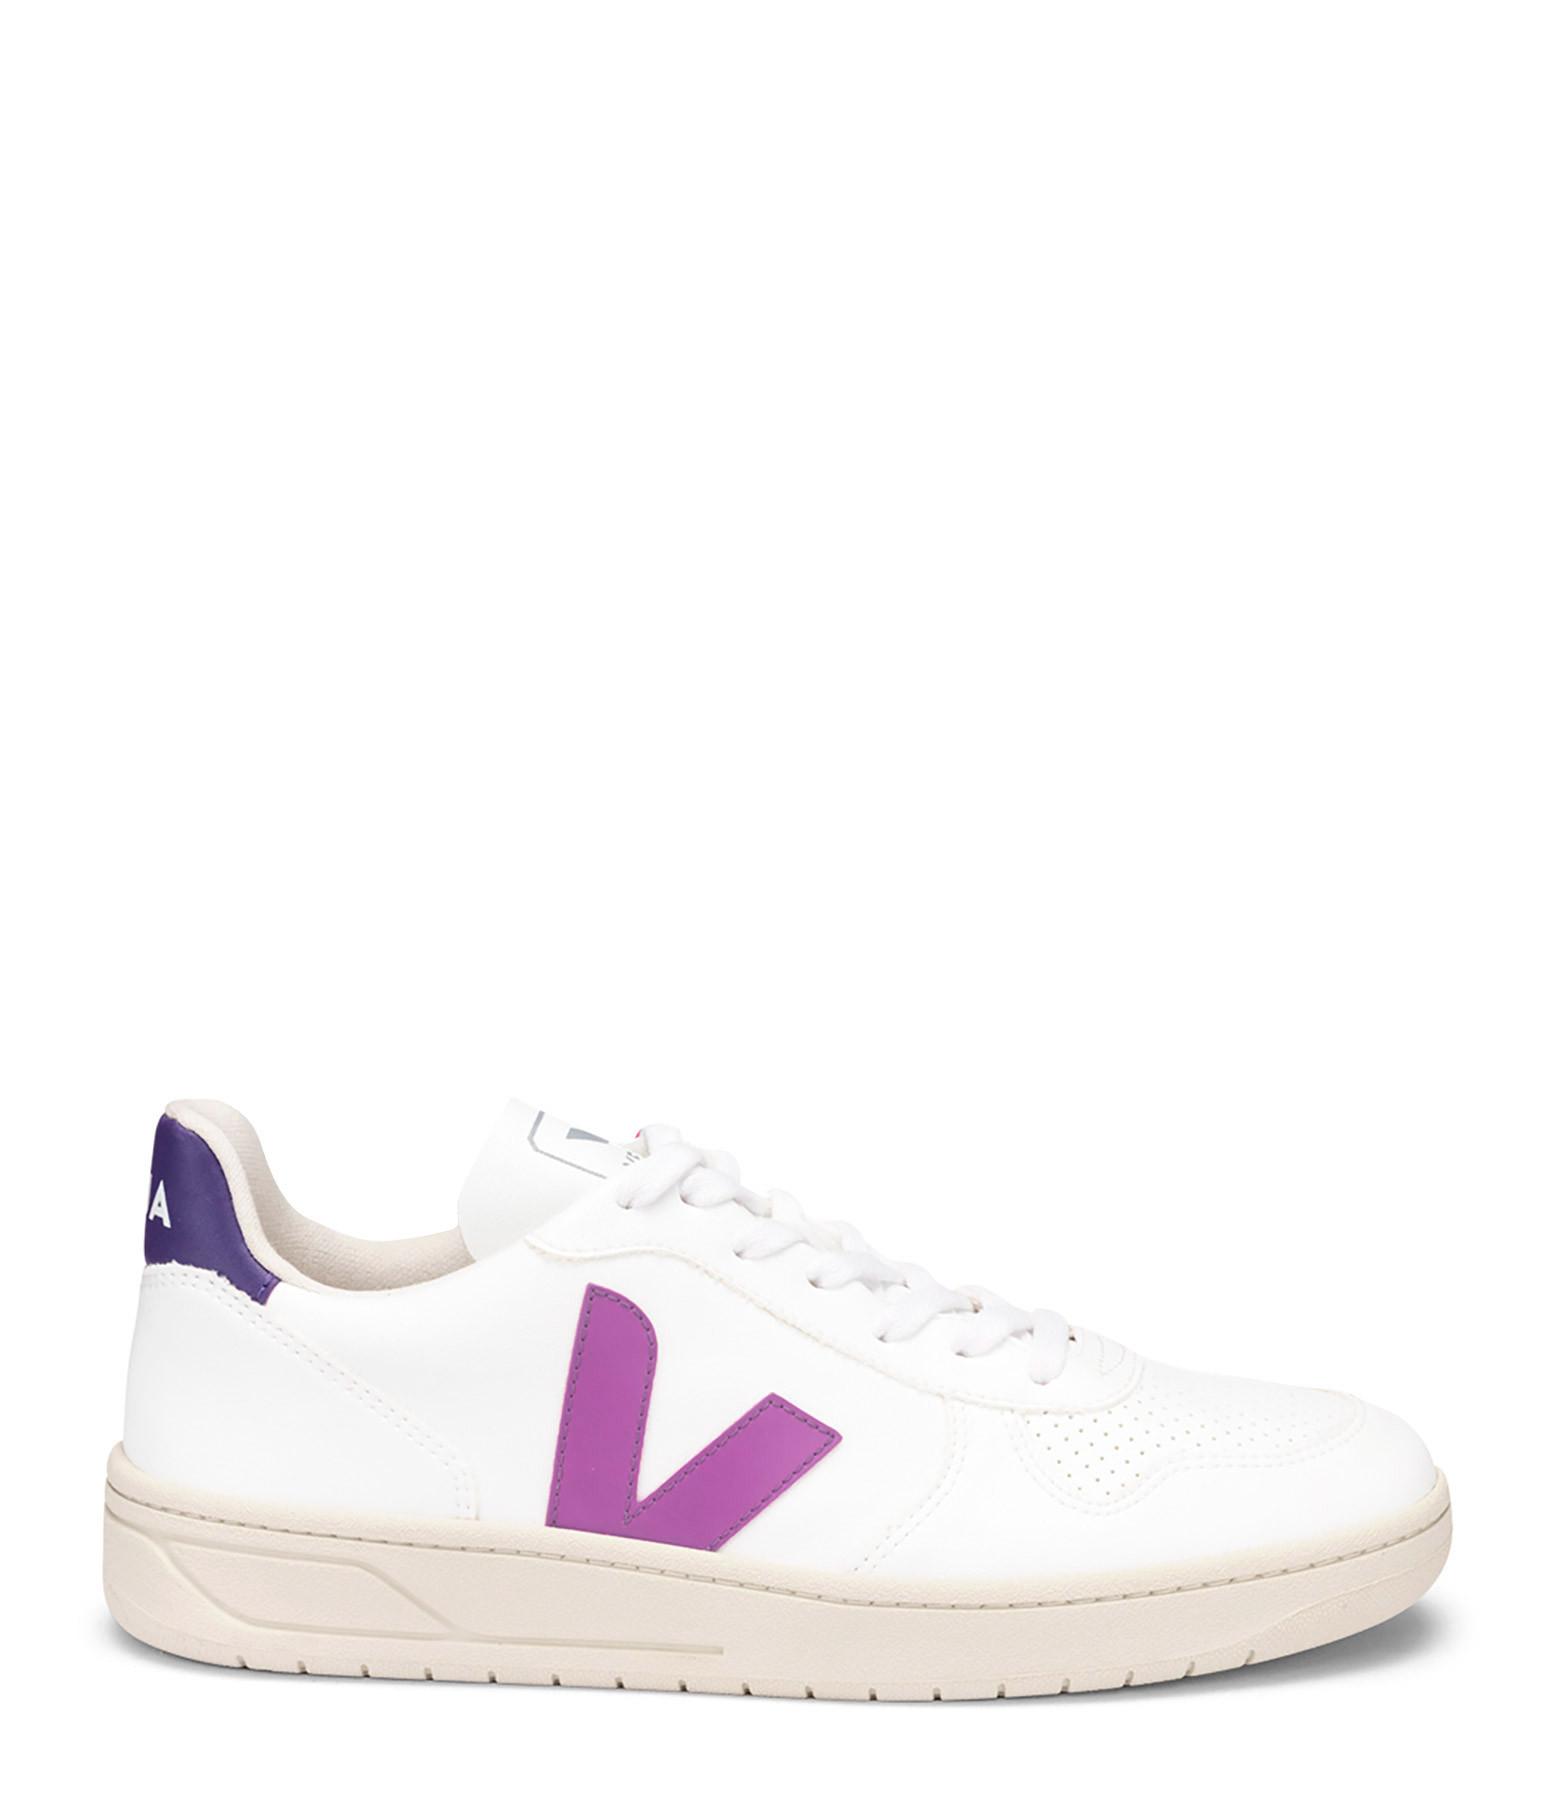 VEJA - Baskets V-10 CWL Blanc Ultraviolet Violet